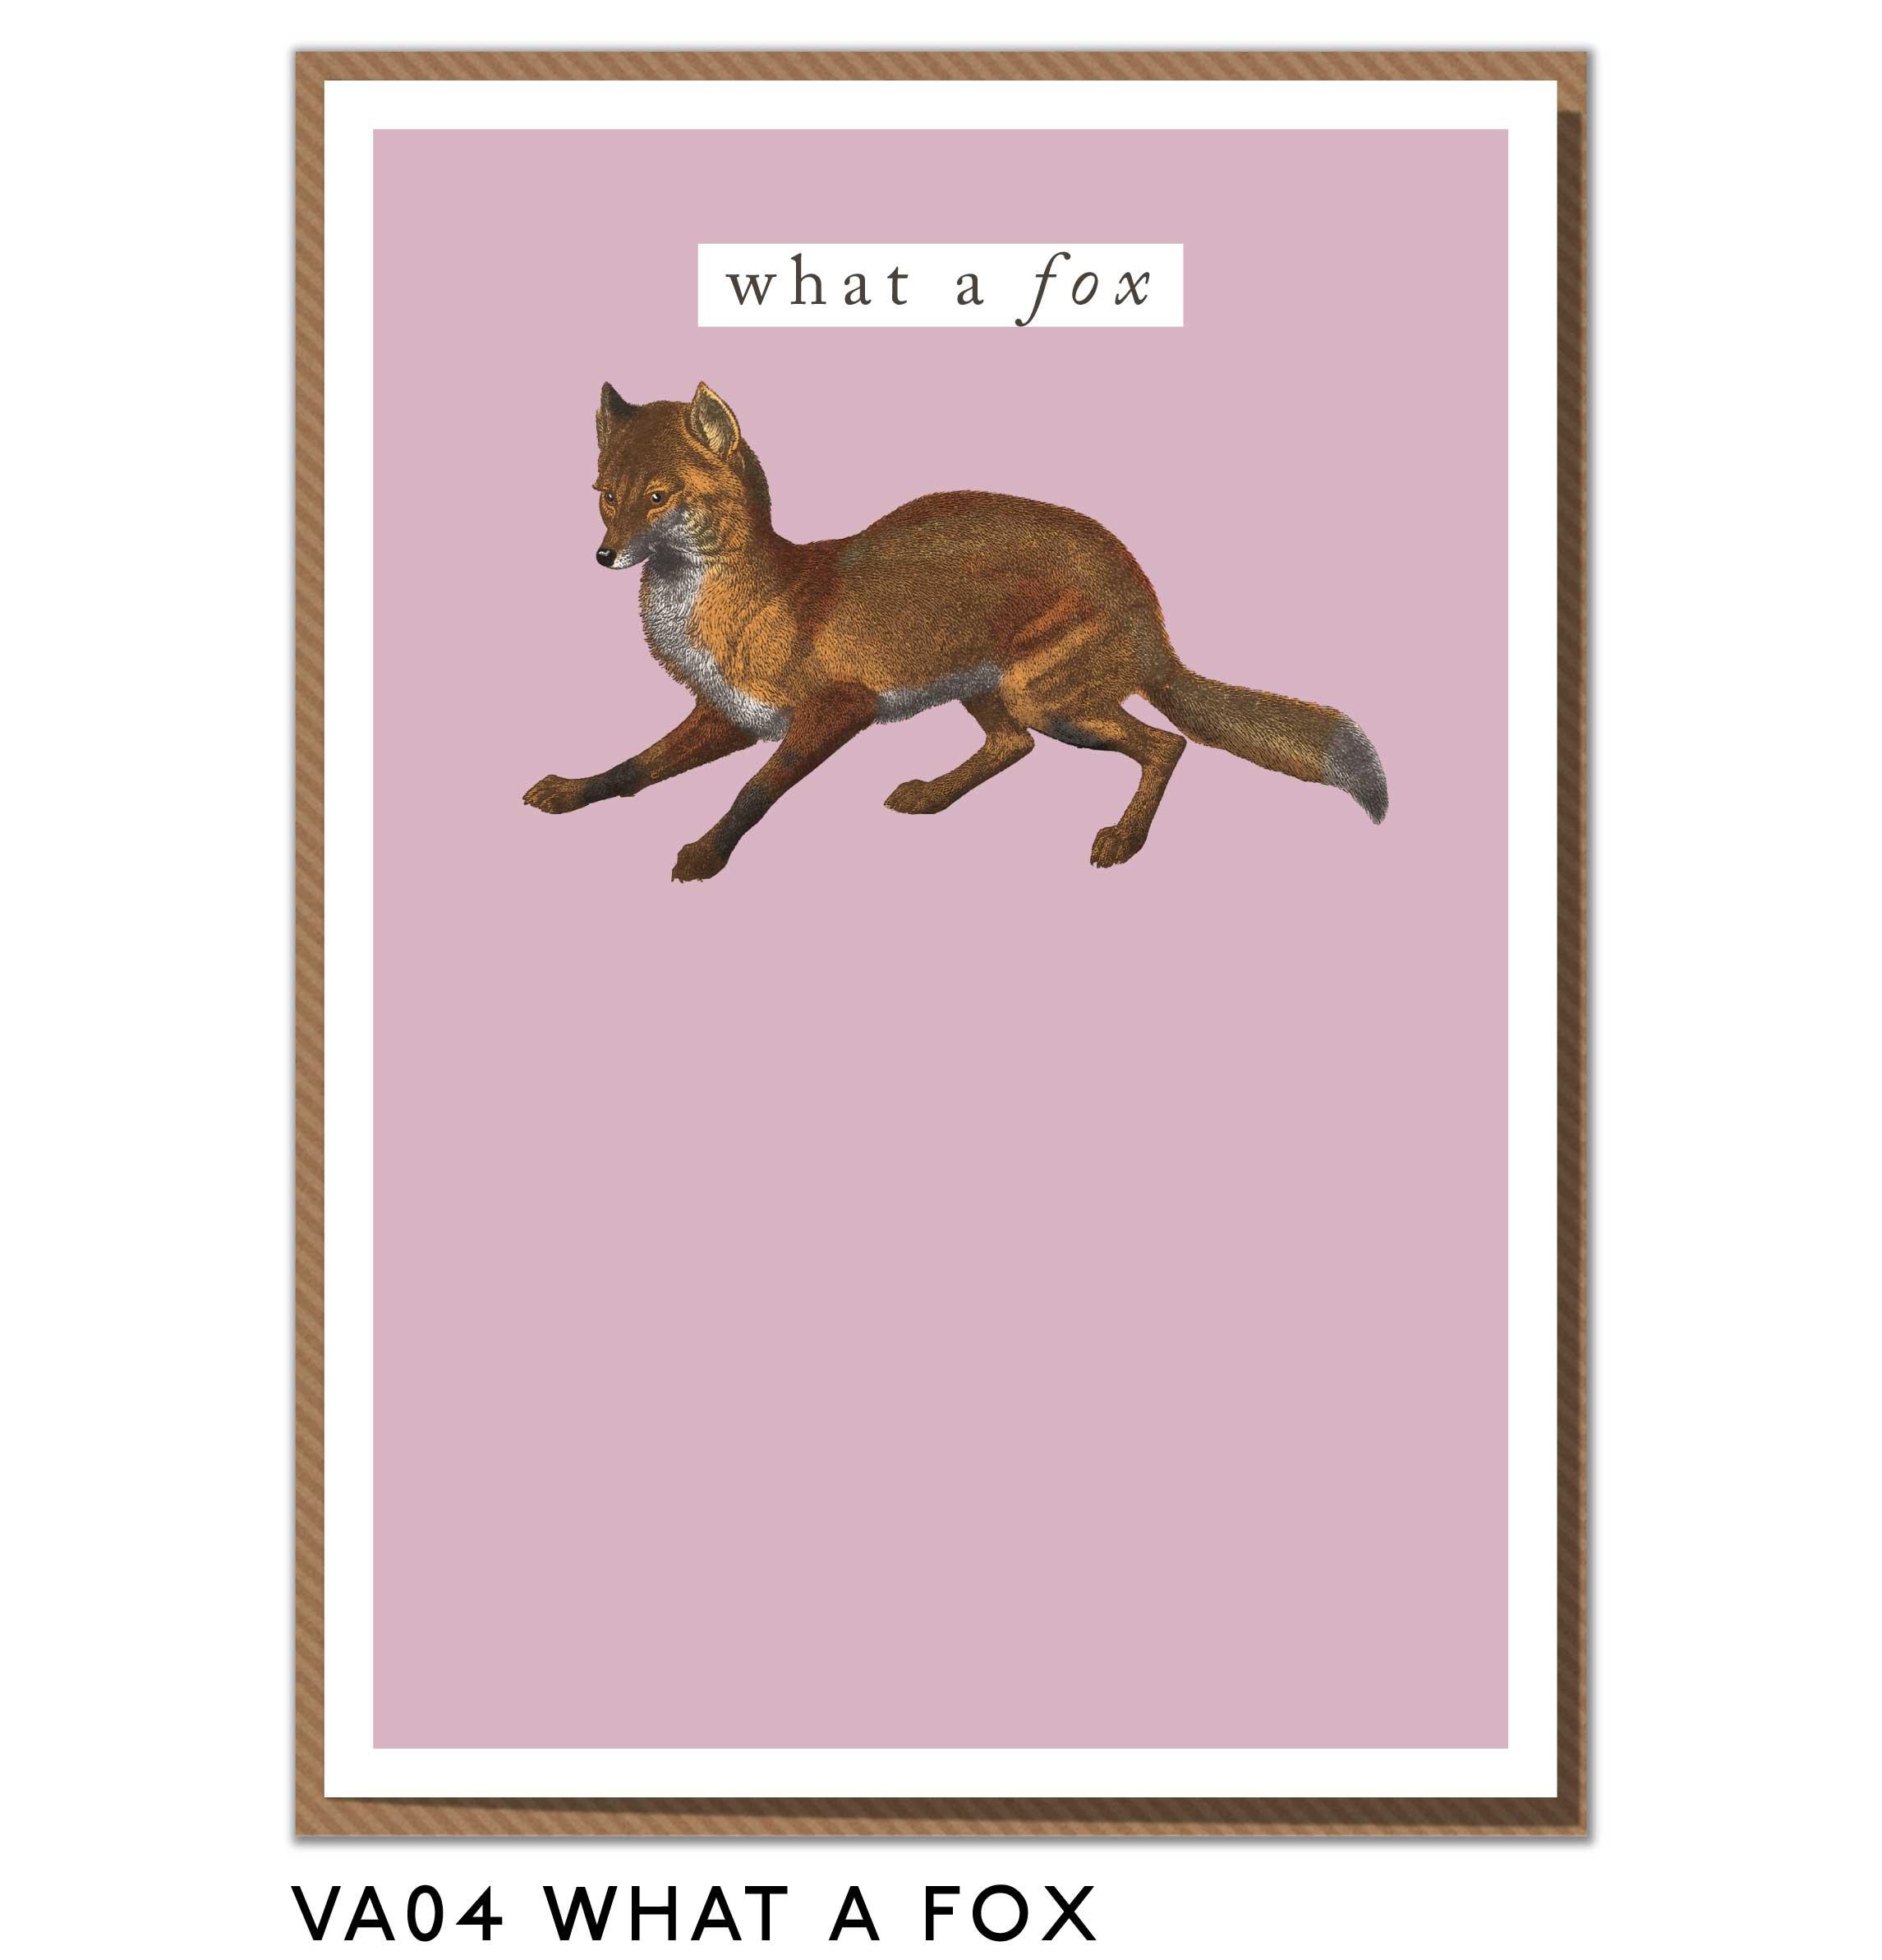 VA04-WHAT-A-FOX.jpg